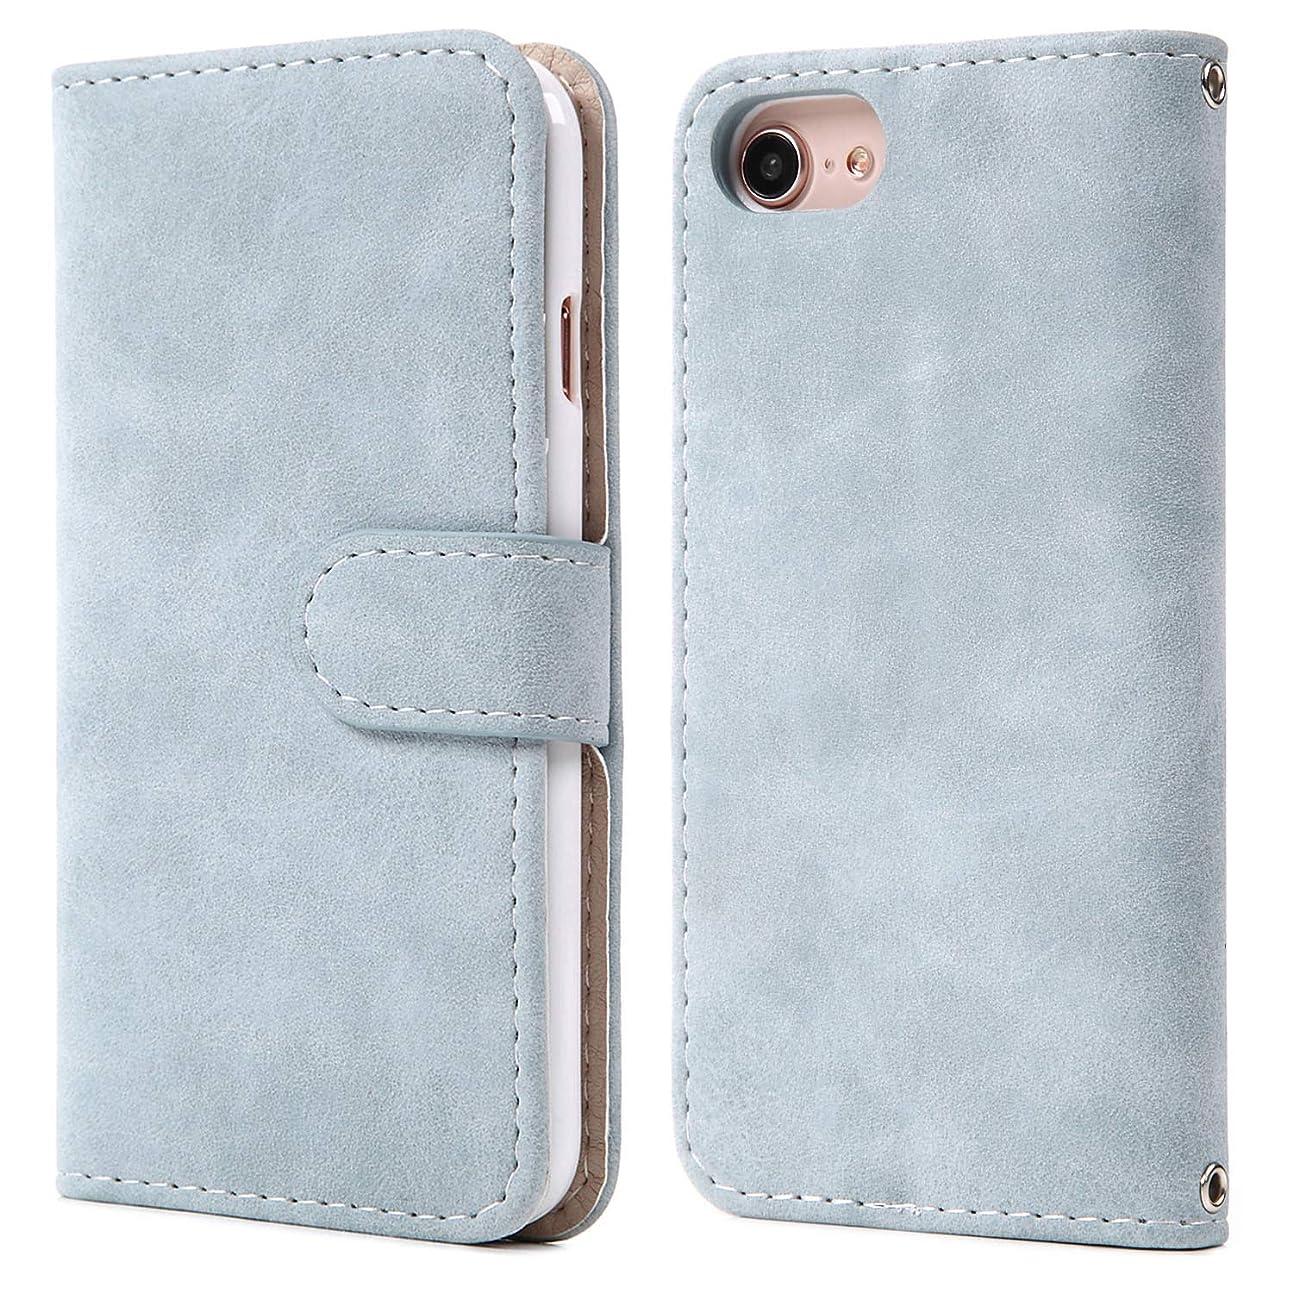 好きであるバケット元気[MINTY] iPhoneXS iPhoneX ケース 手帳型 スエードタイプ スモーキーブルー